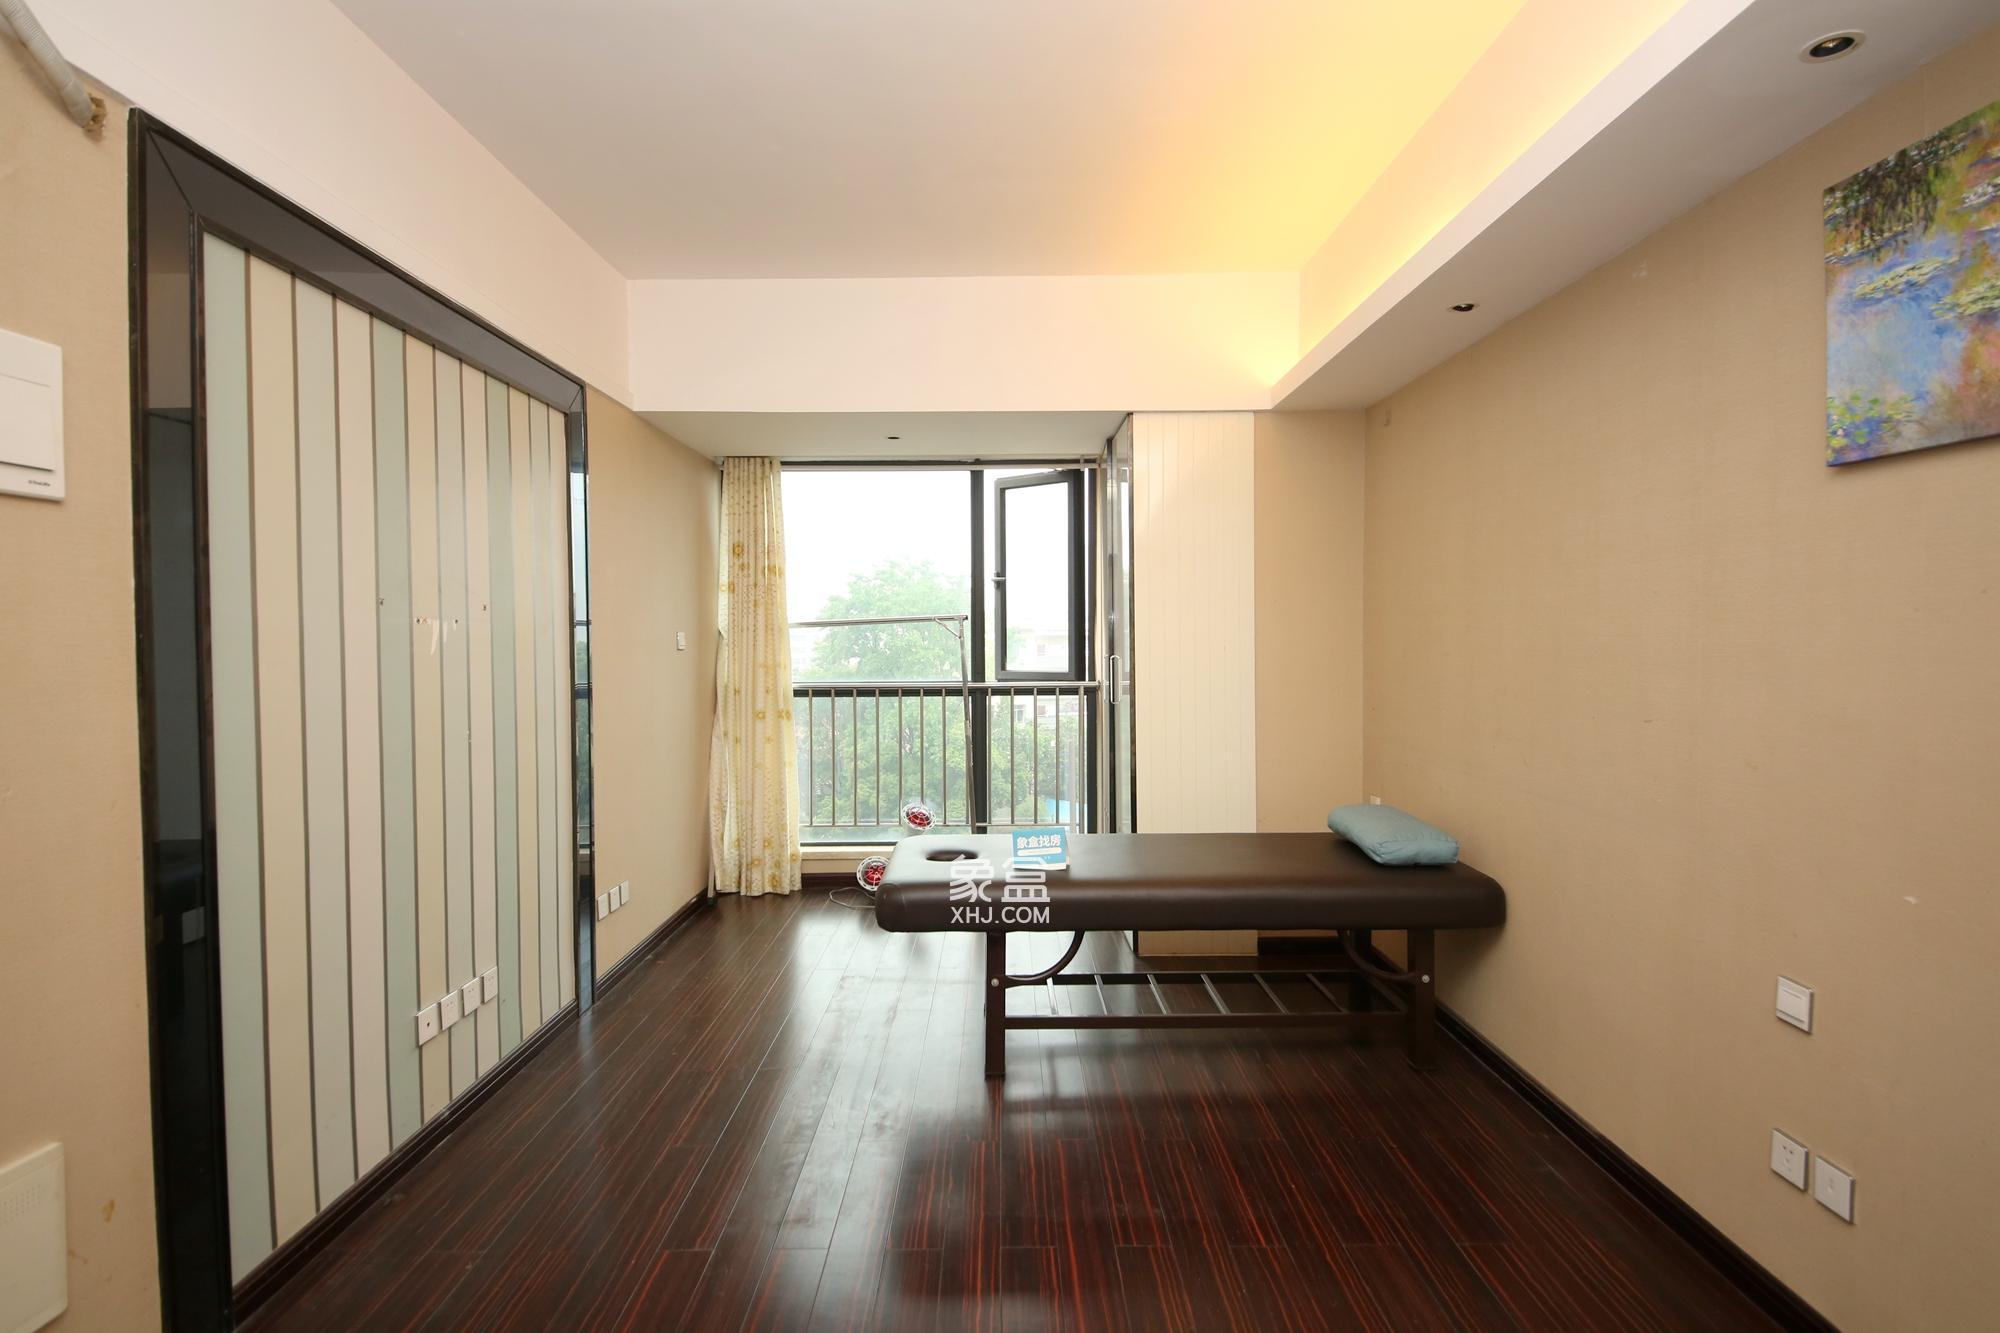 德思勤(宝格丽公寓)  1室1厅1卫    53.0万